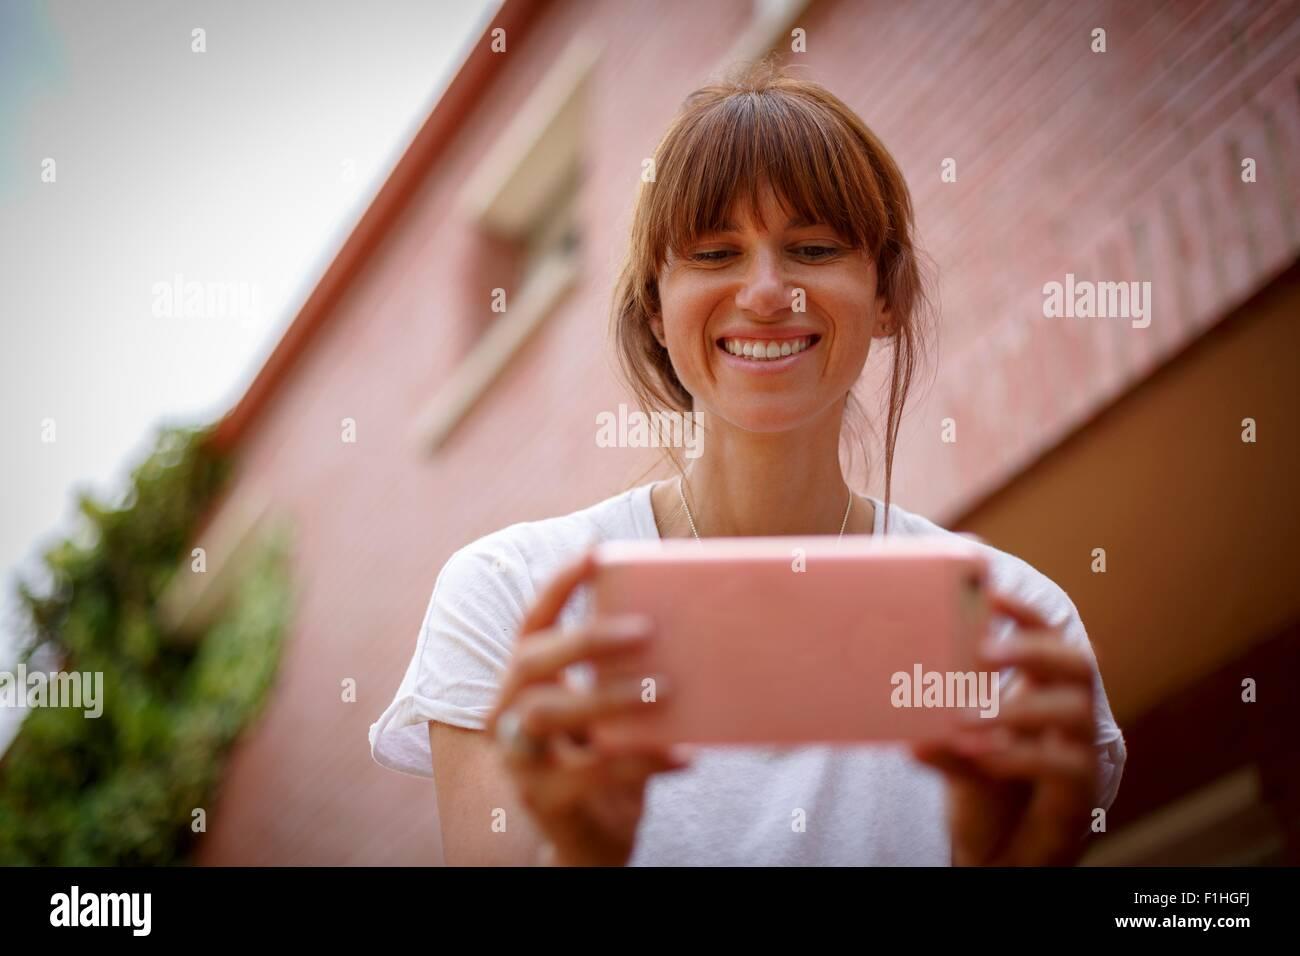 Low und Blick auf Mitte Erwachsene Frau mit Smartphone, Lächeln Stockbild